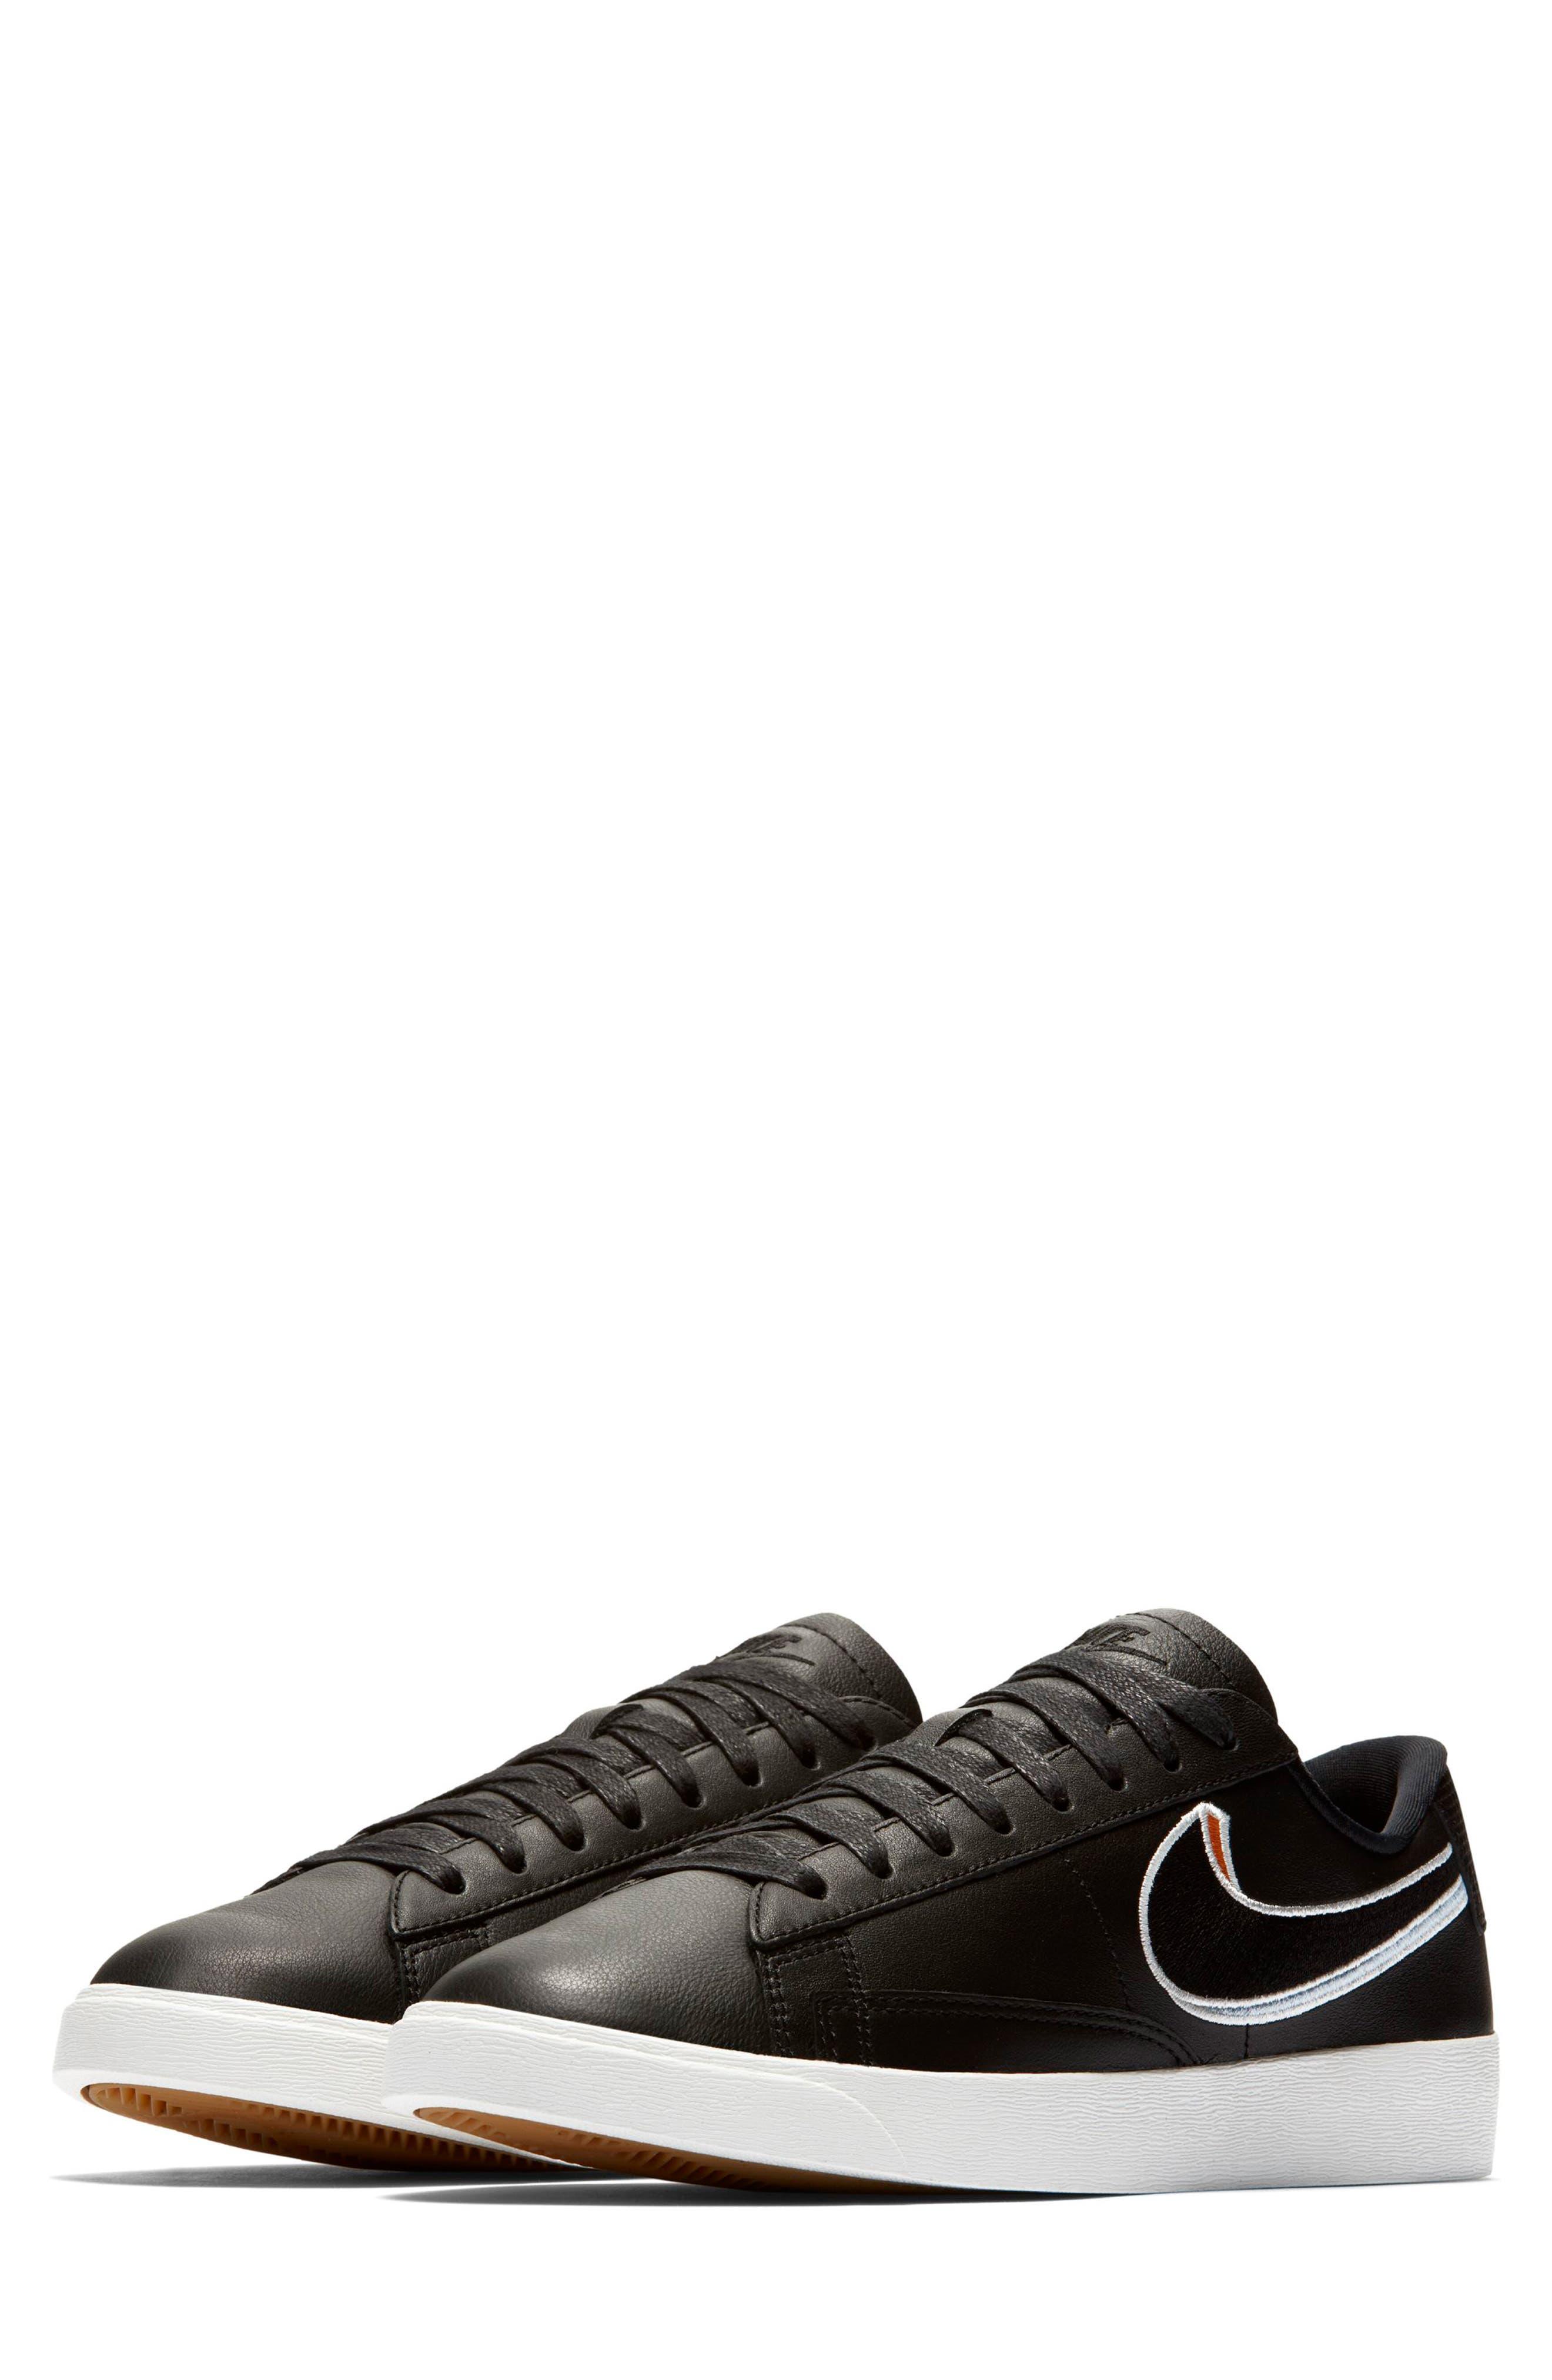 Blazer Low LX Sneaker,                             Main thumbnail 1, color,                             BLACK/ ROYAL TINT/ MONARCH